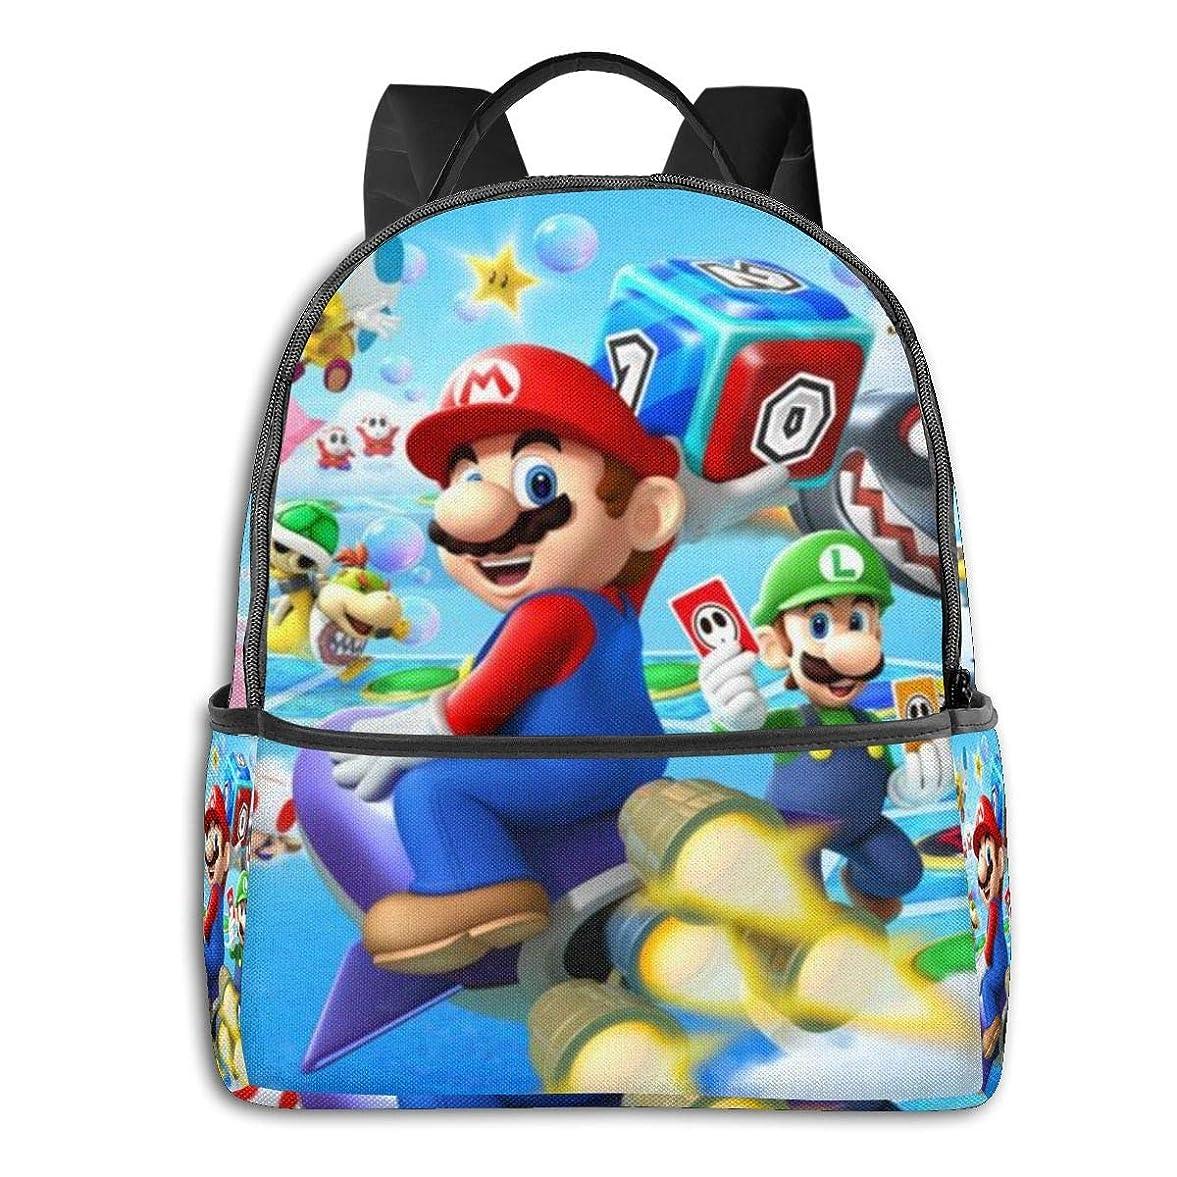 あらゆる種類の牛肉横リュック Super Mario Bros. スーパーメアリー リュックサック カジュアル バックパック リュックサック 大容量 メンズ レディース おしゃれ アニメ 漫画 全幅 かわいい 萌えグッズ 通勤 男女兼用 学生 出張 旅行 ランドセル